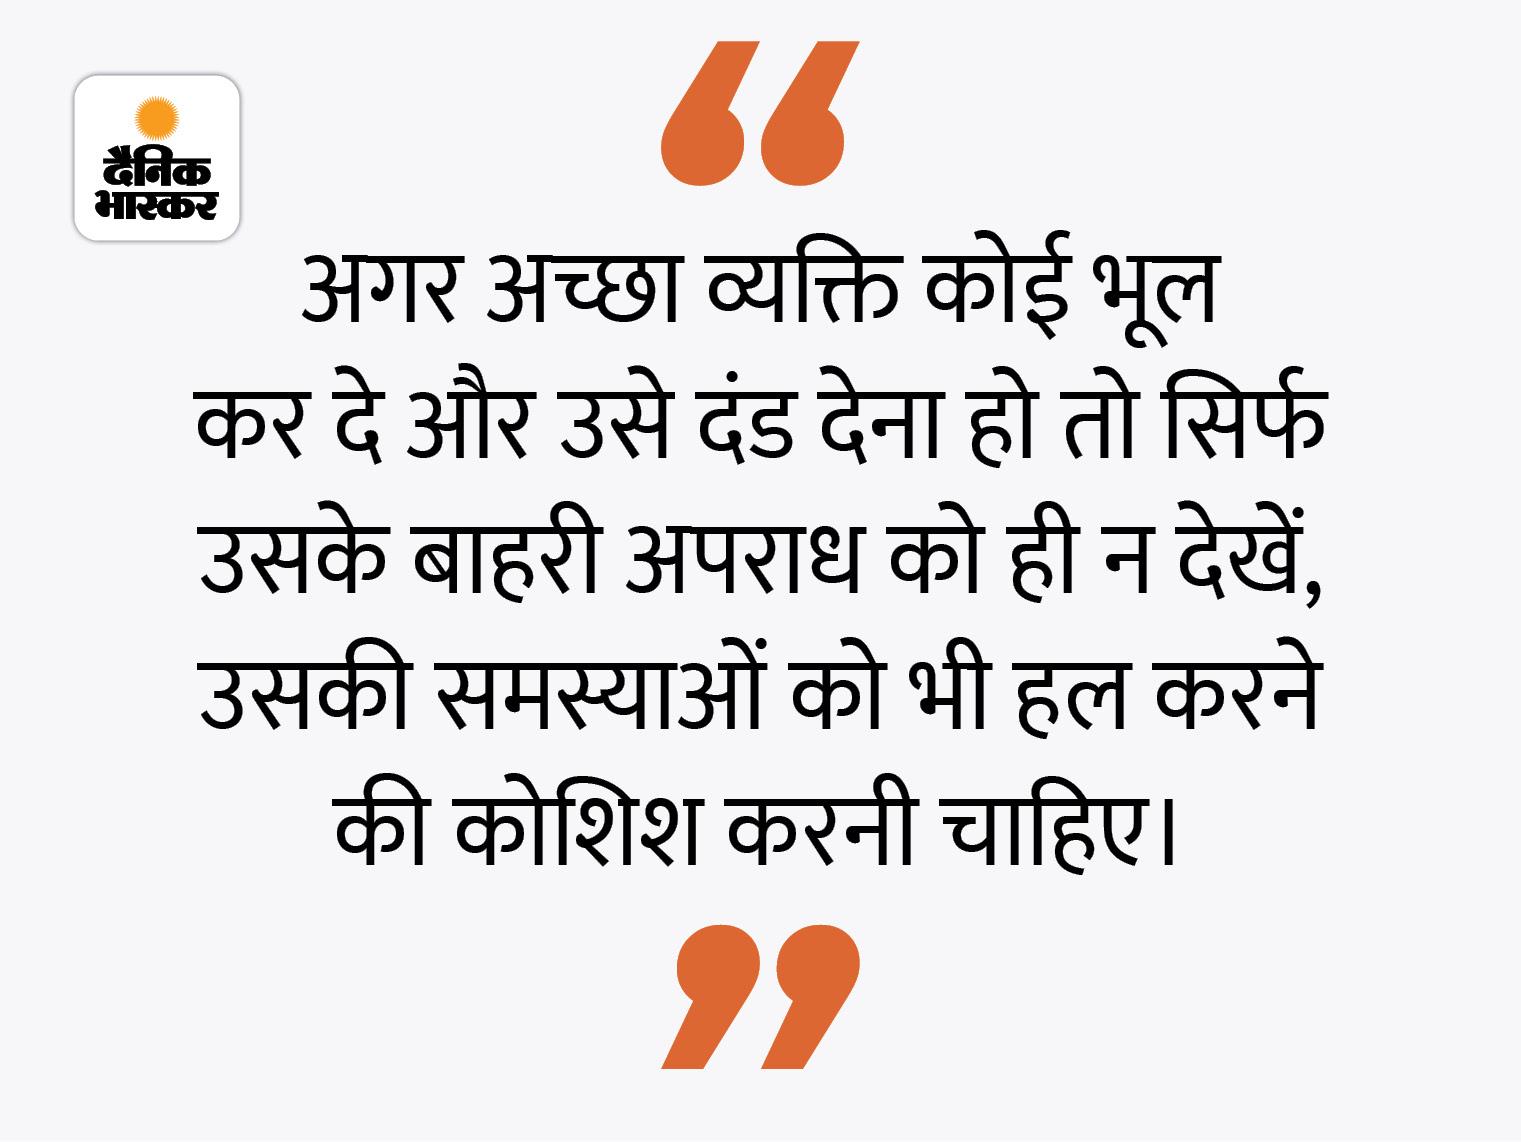 अगर कोई व्यक्ति गलत काम कर देता है तो गलती की वजह को भी समझना चाहिए|धर्म,Dharm - Dainik Bhaskar